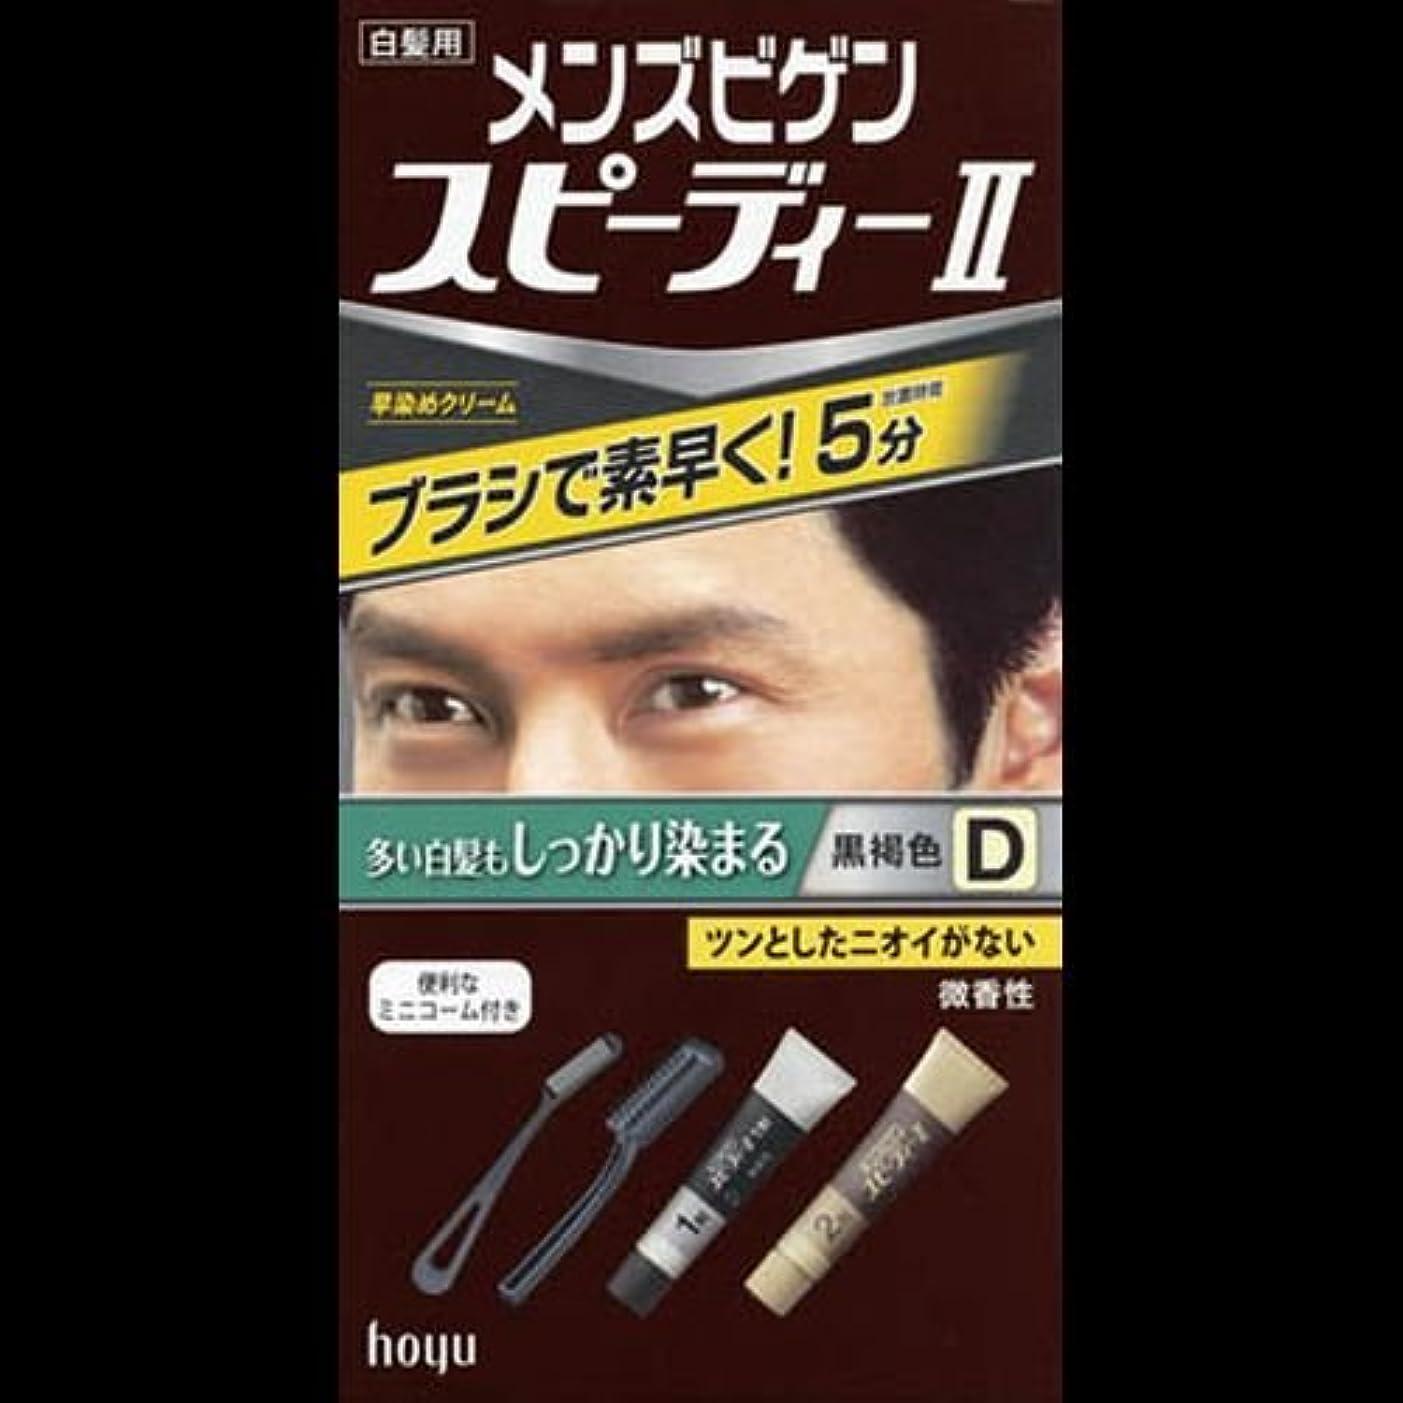 慈悲助けて染料メンズビゲン スピーデイーII 黒褐色 D(40g+40g) ×2セット